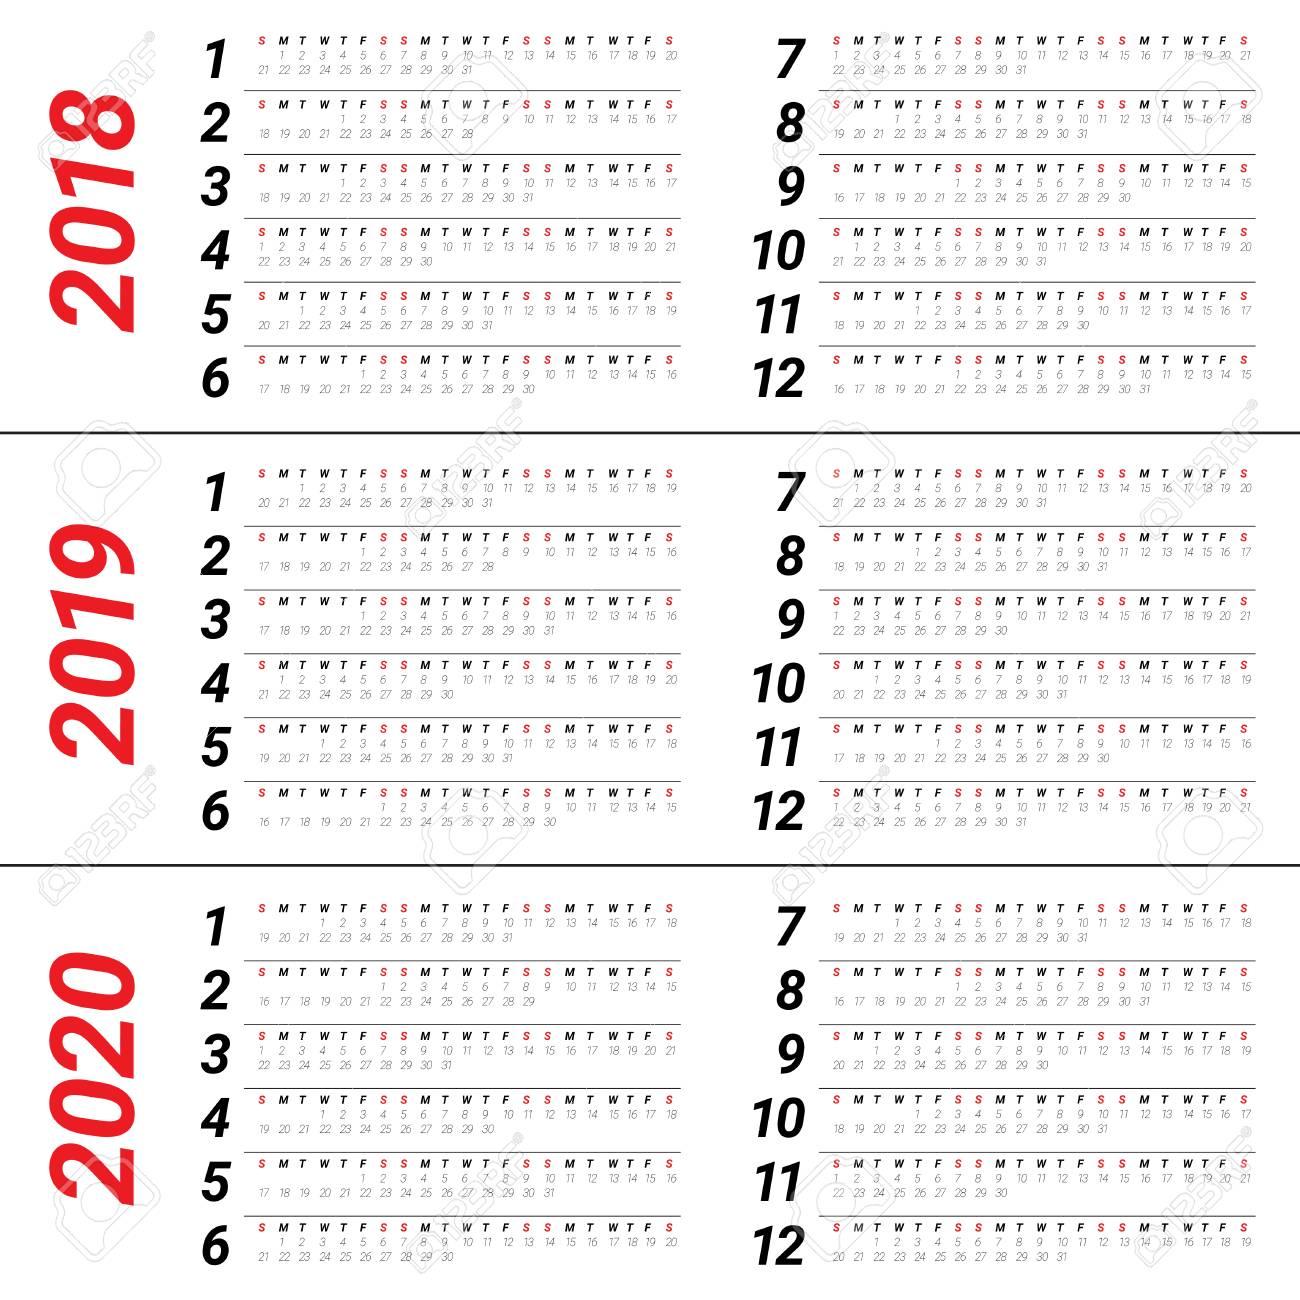 Ano 2020 Calendario.Ano 2018 2019 2020 Calendario Simple Y Plantilla De Diseno Limpio